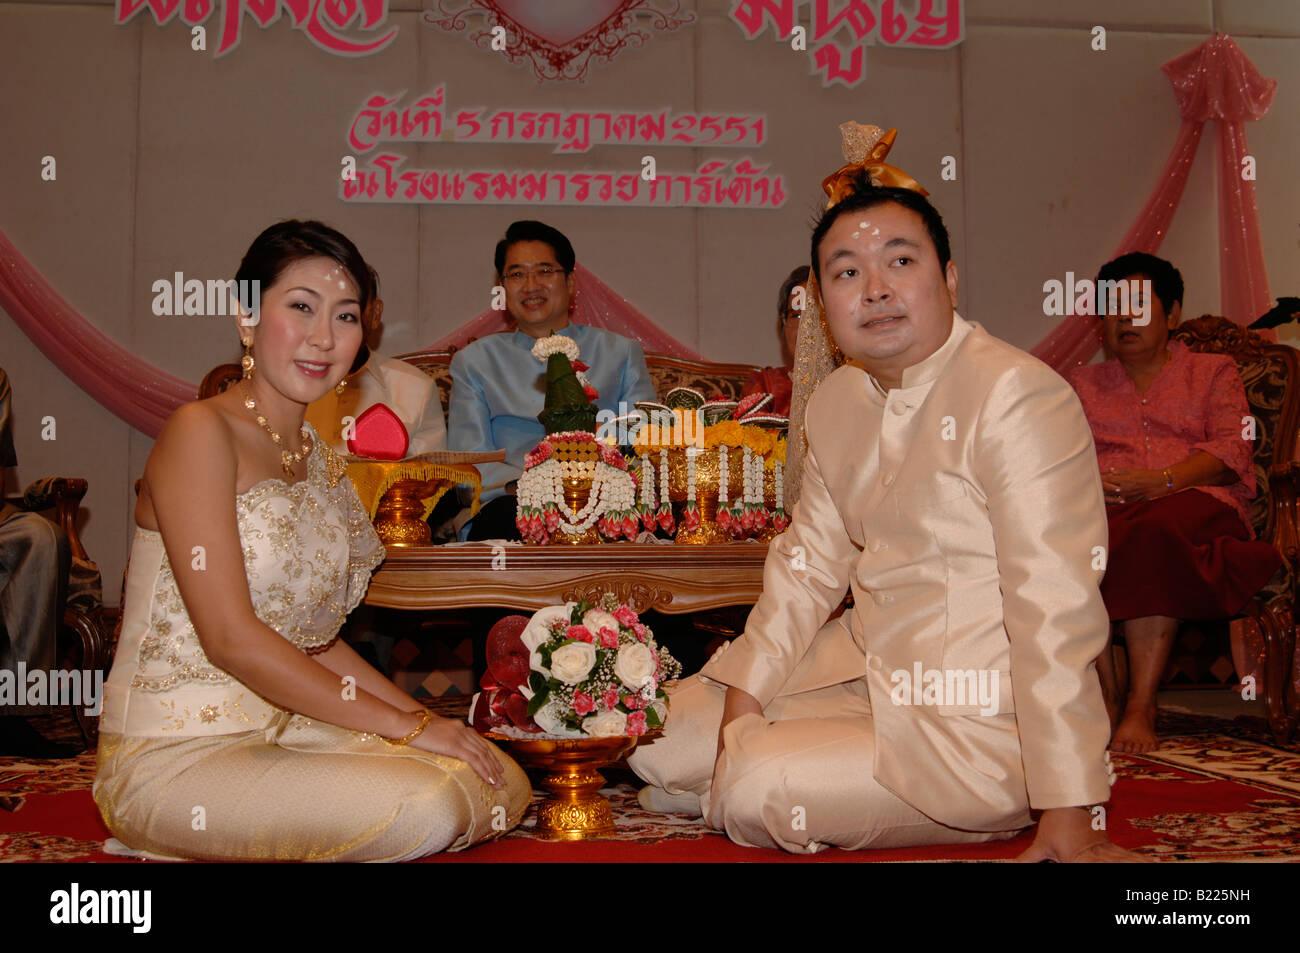 d7ee04545983 Sposa e lo sposo in tailandese tradizionale abito cerimonia di nozze ...